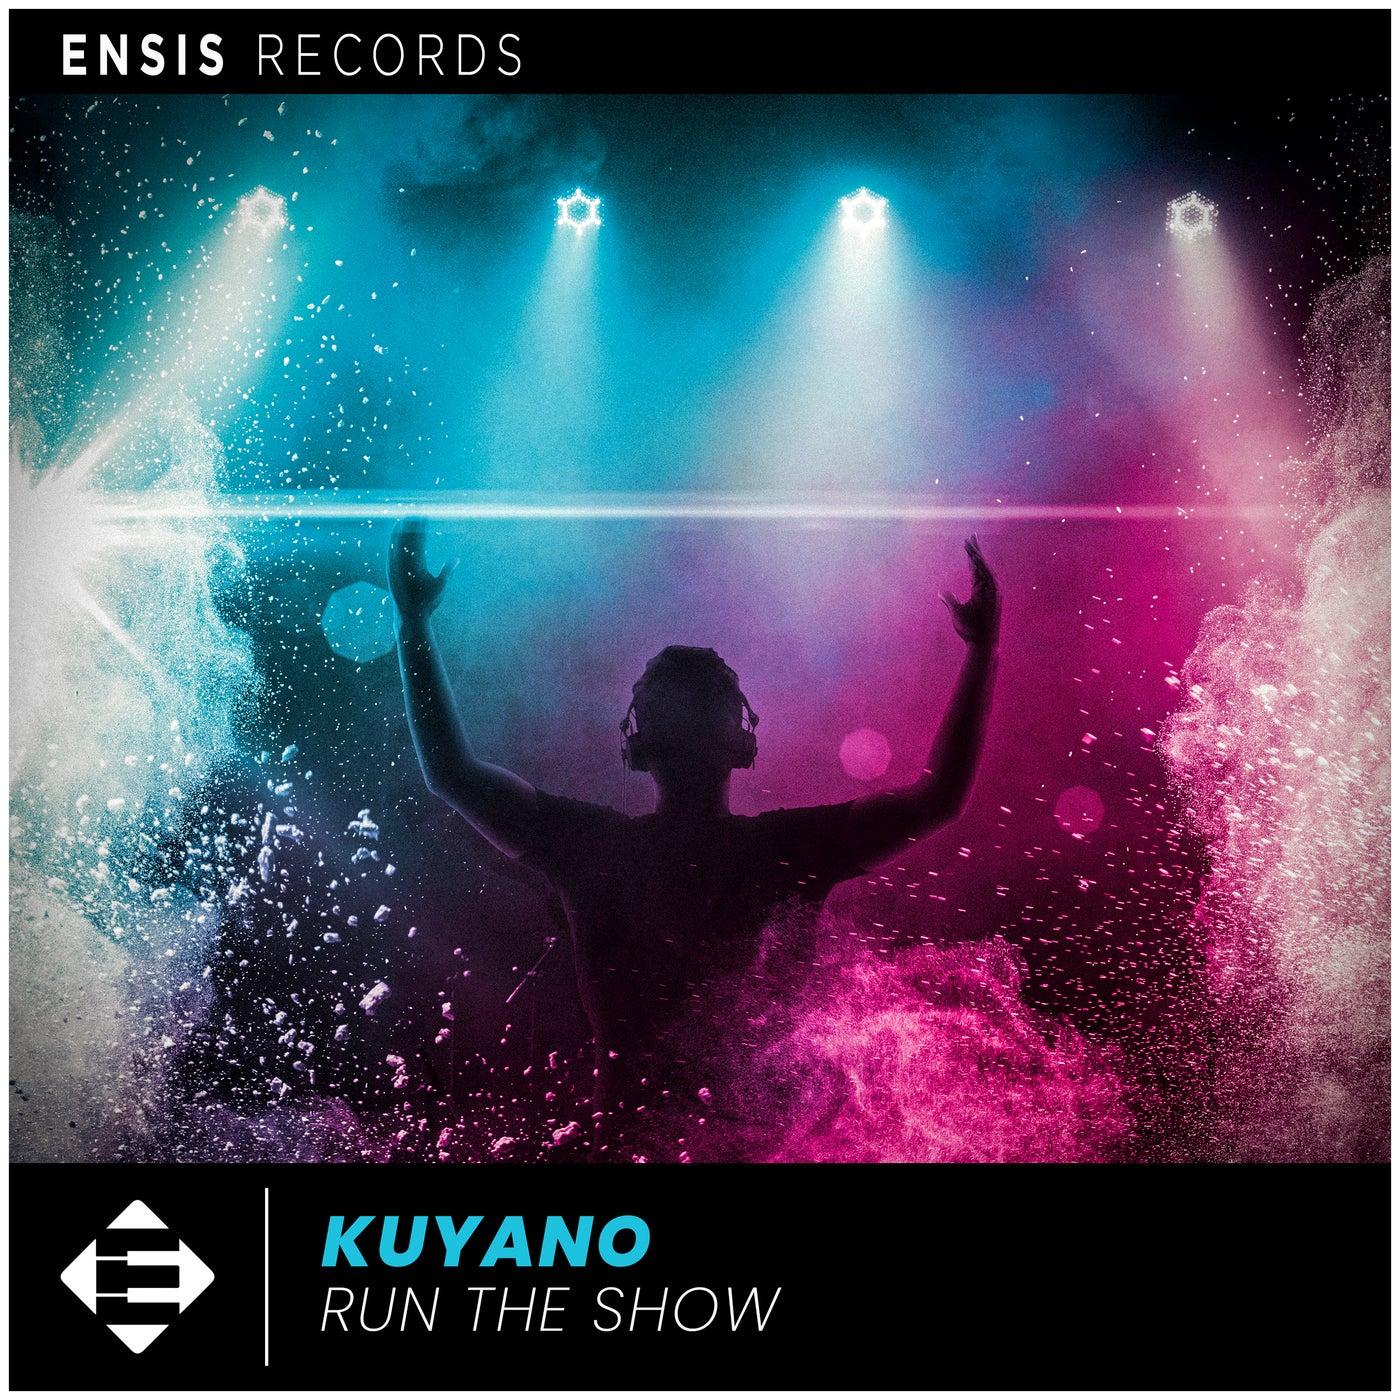 Kuyano - Run The Show